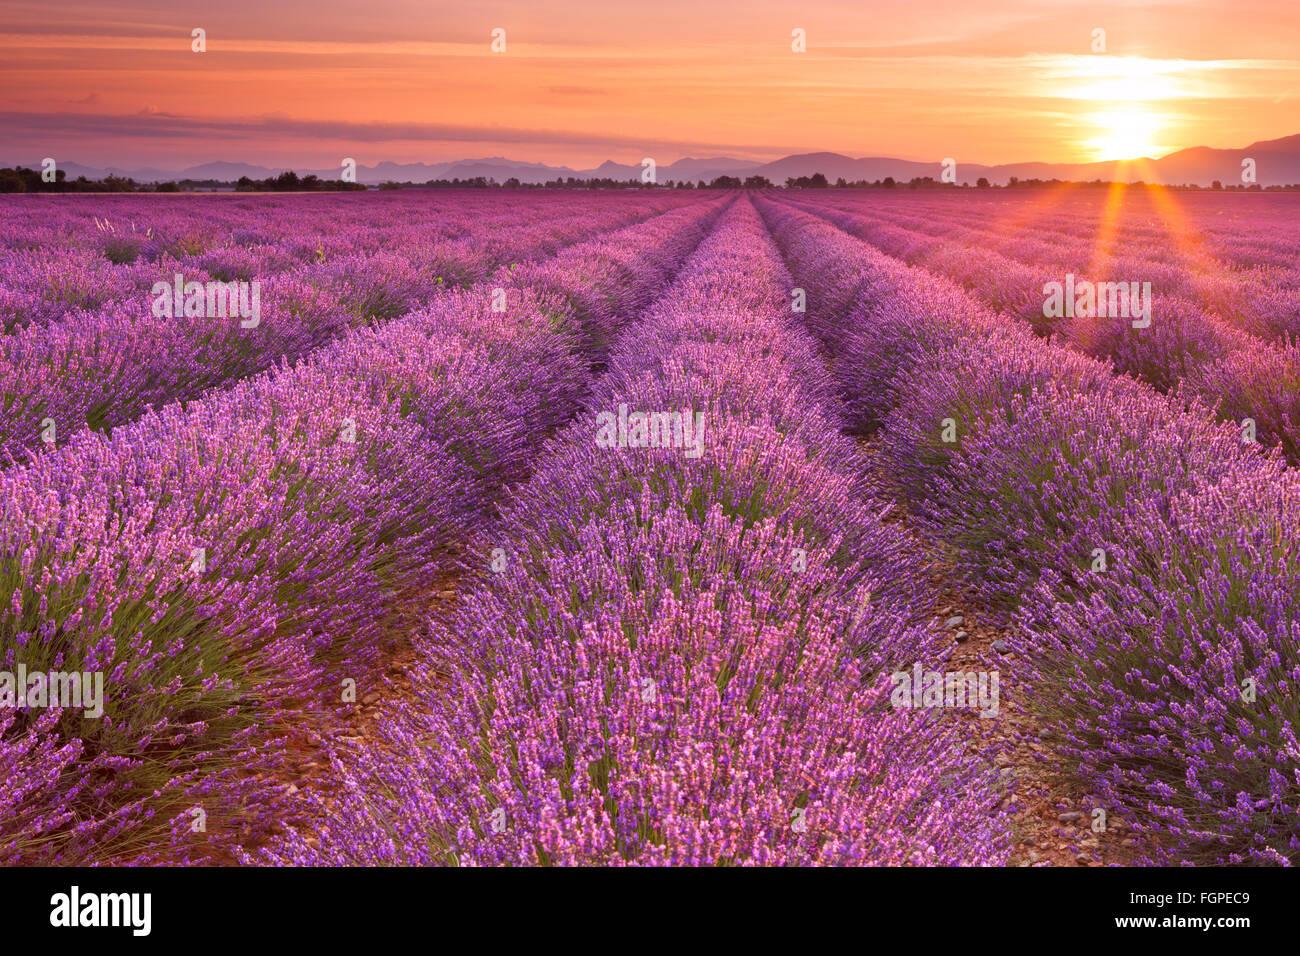 Lever de soleil sur les champs de lavande en fleurs sur le plateau de Valensole en Provence dans le sud de la France. Photo Stock